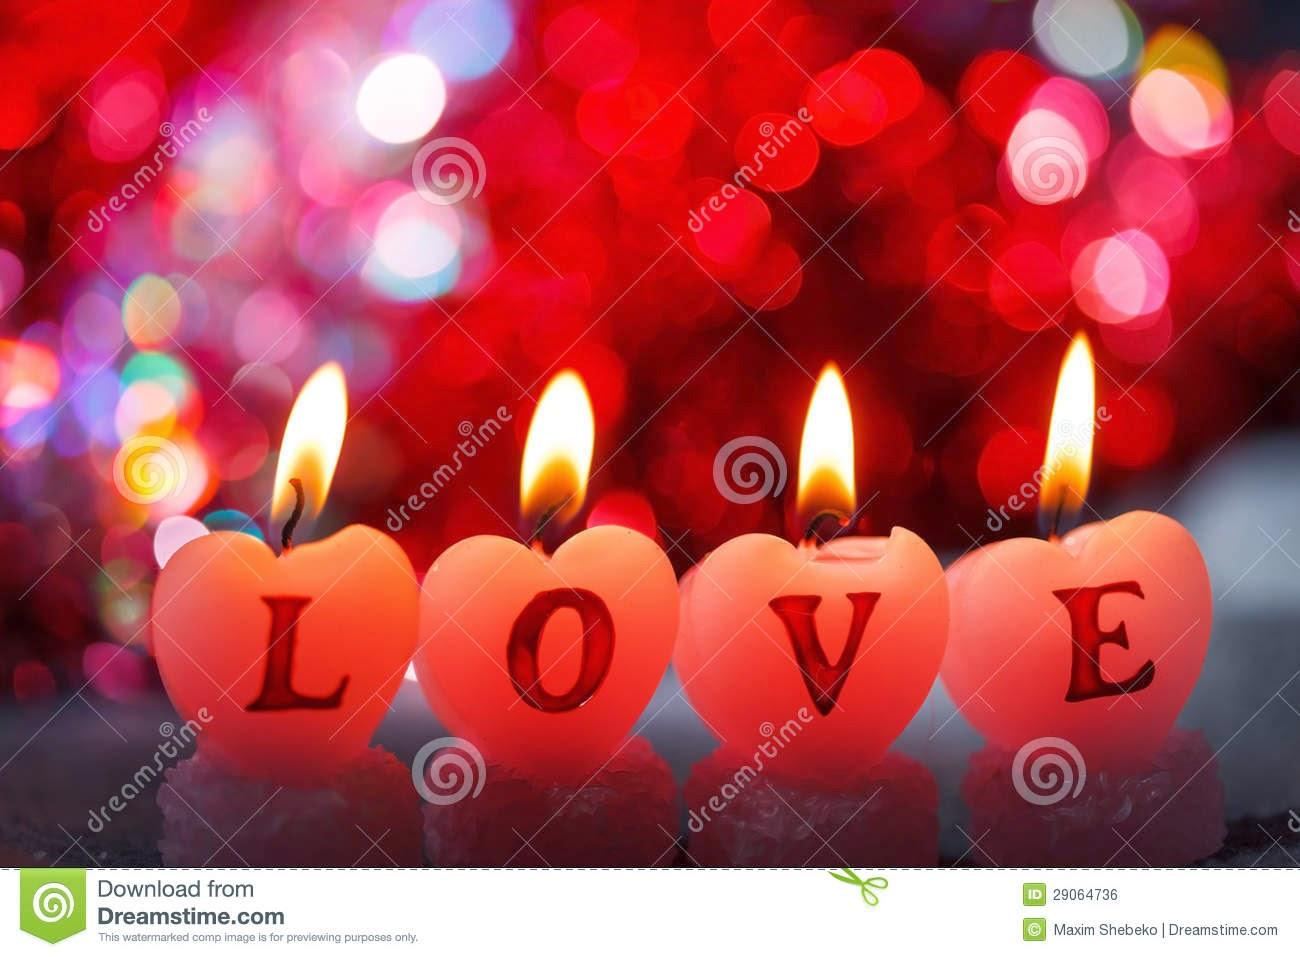 Carteles de amor, frases, mensajes y textos romanticos para ver y descargar -  imagenes